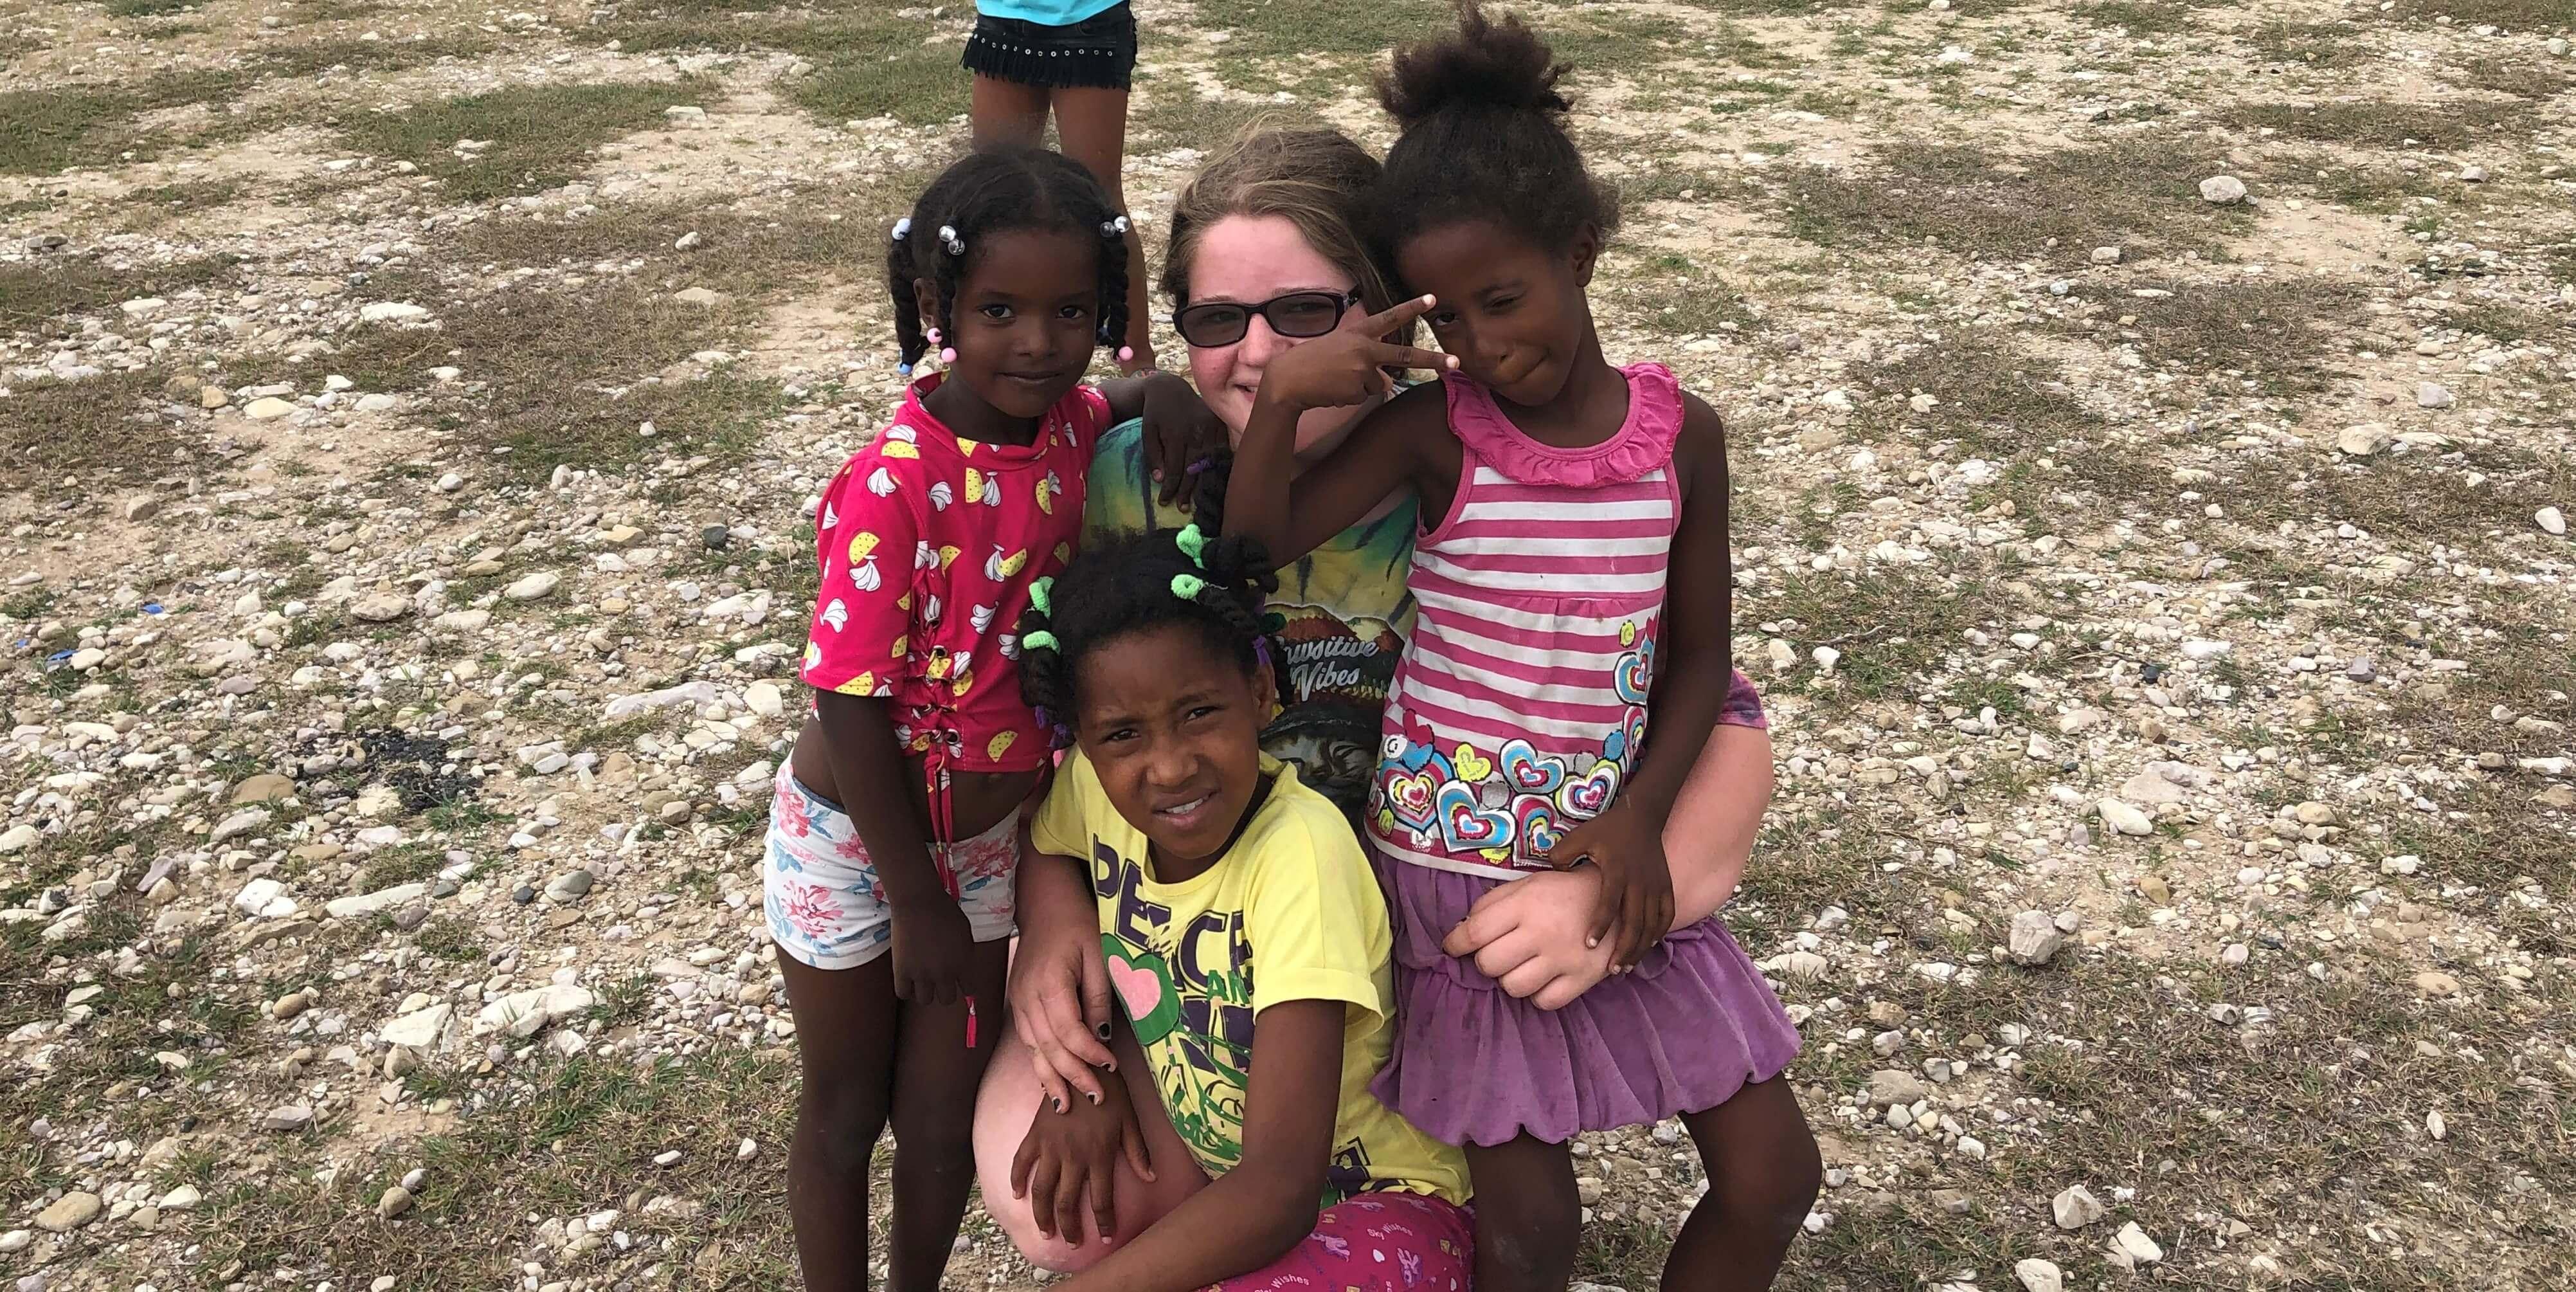 Dominican Republic, June 2019; Mission Trip Update